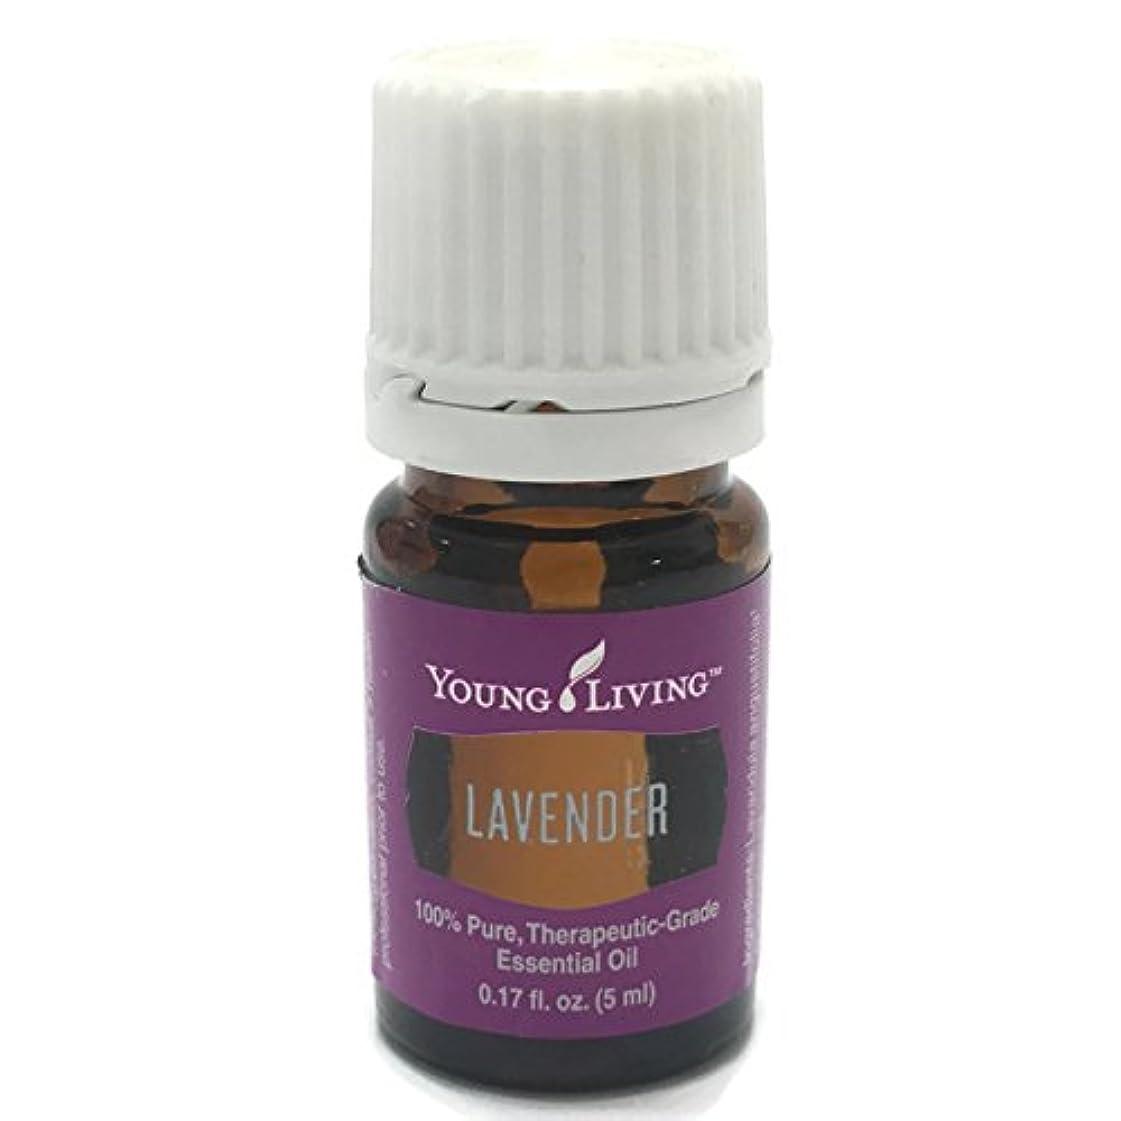 調和ポップスパンヤングリビング Young Living ラベンダー Lavender エッセンシャルオイル 5ml